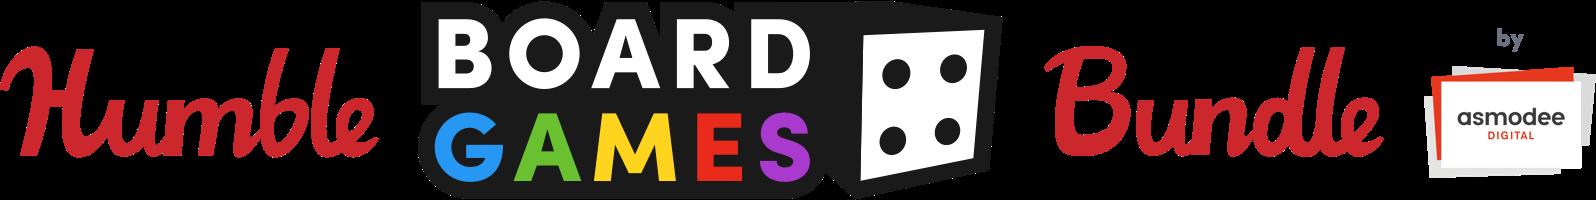 Humble Board Games Bundle by Asmodee Digital